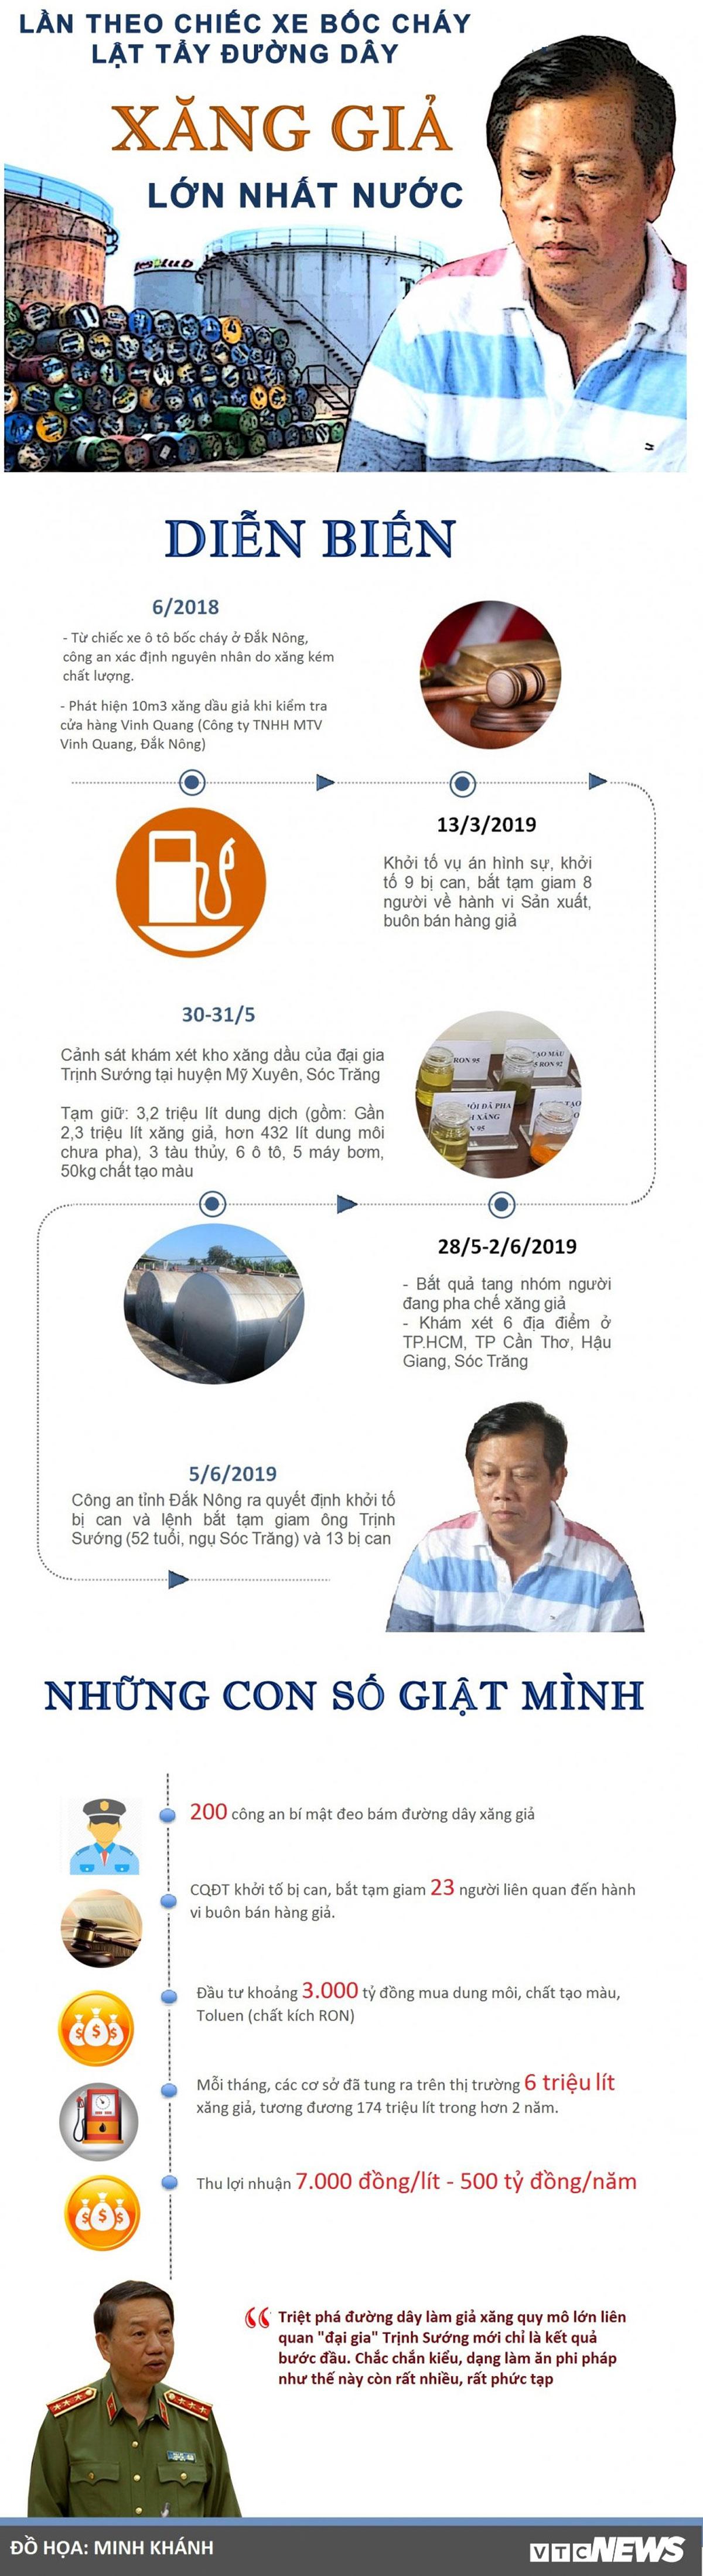 ông Lưu Văn Nguyện, bắt Chủ tịch HĐQT Công ty cổ phần Dầu khí Bình Minh, liên quan đại gia Trịnh Sướng, Công ty cổ phần Dầu khí Bình Minh,